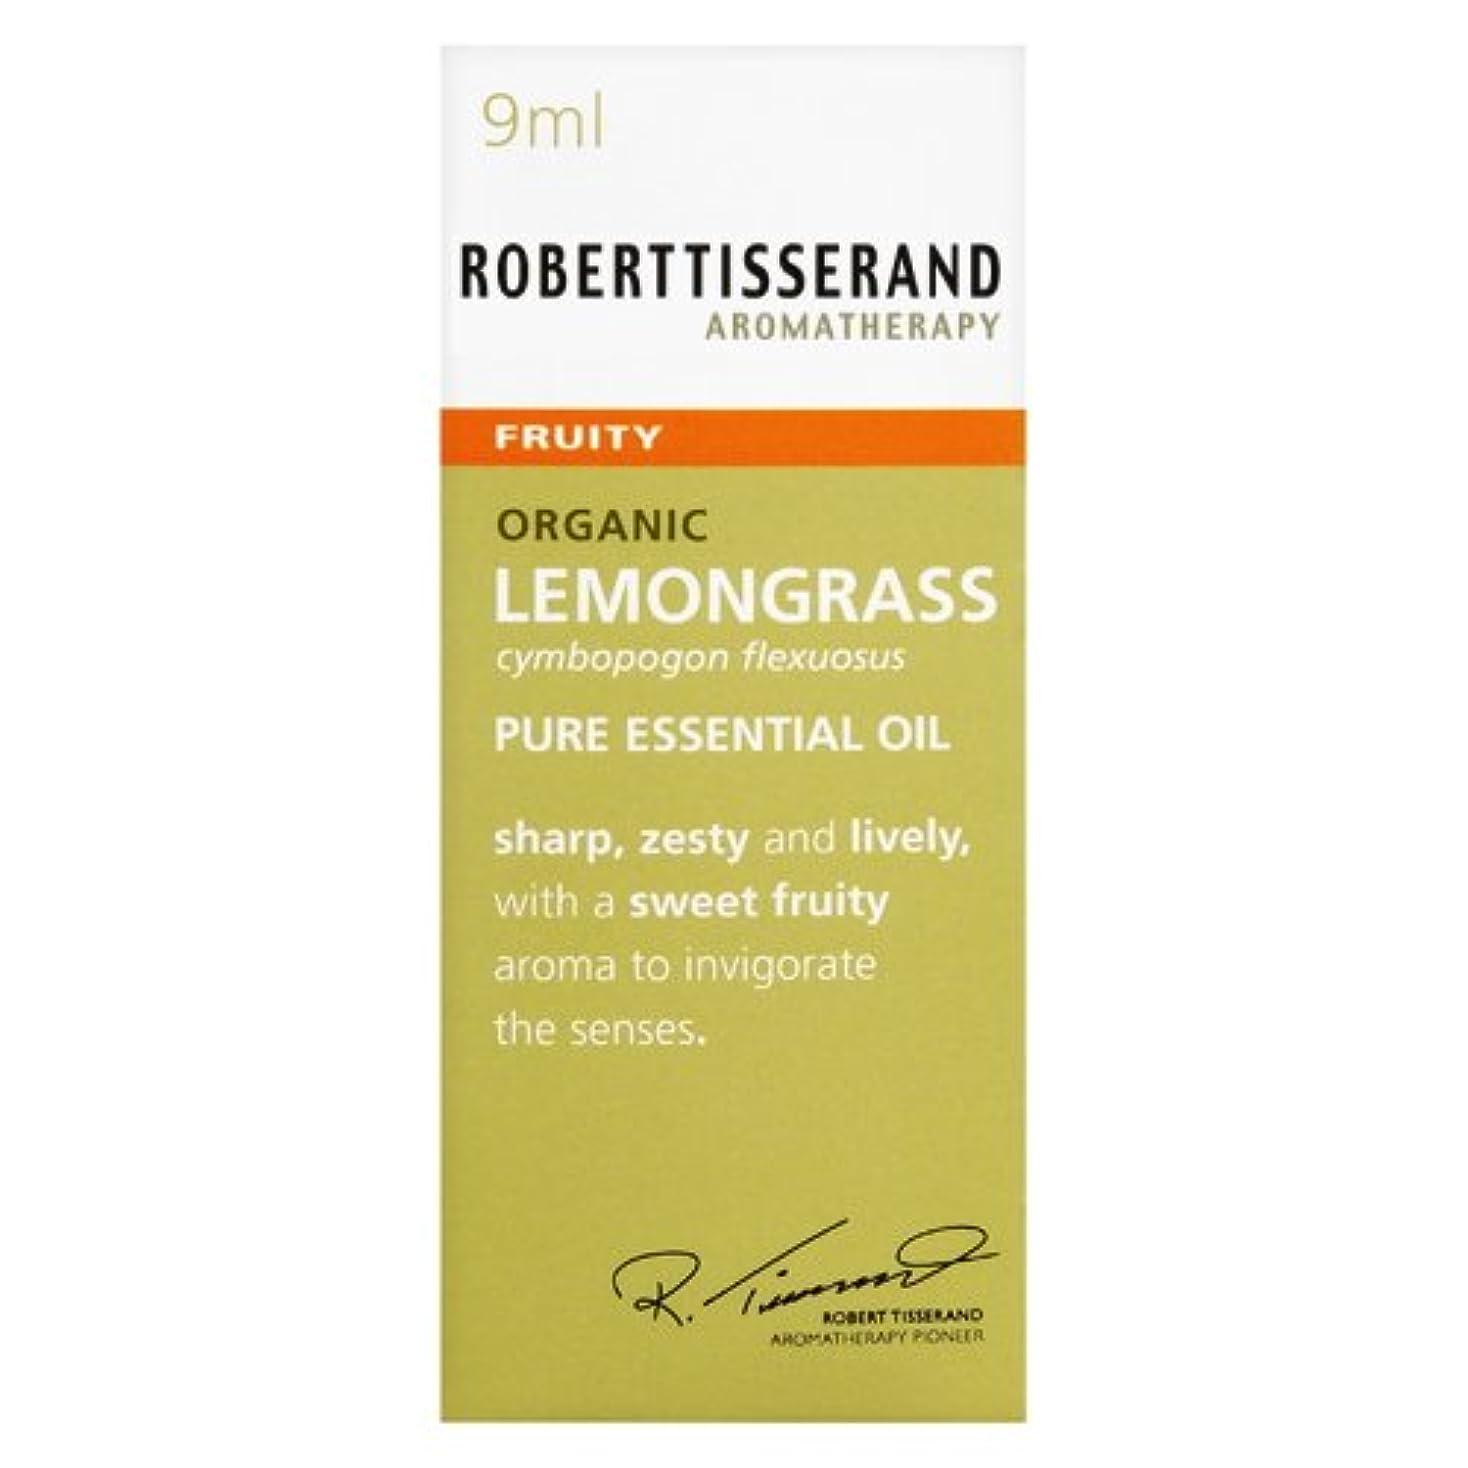 ミケランジェロぶどう芸術ロバートティスランド 英国土壌協会認証 オーガニック レモングラス 9ml